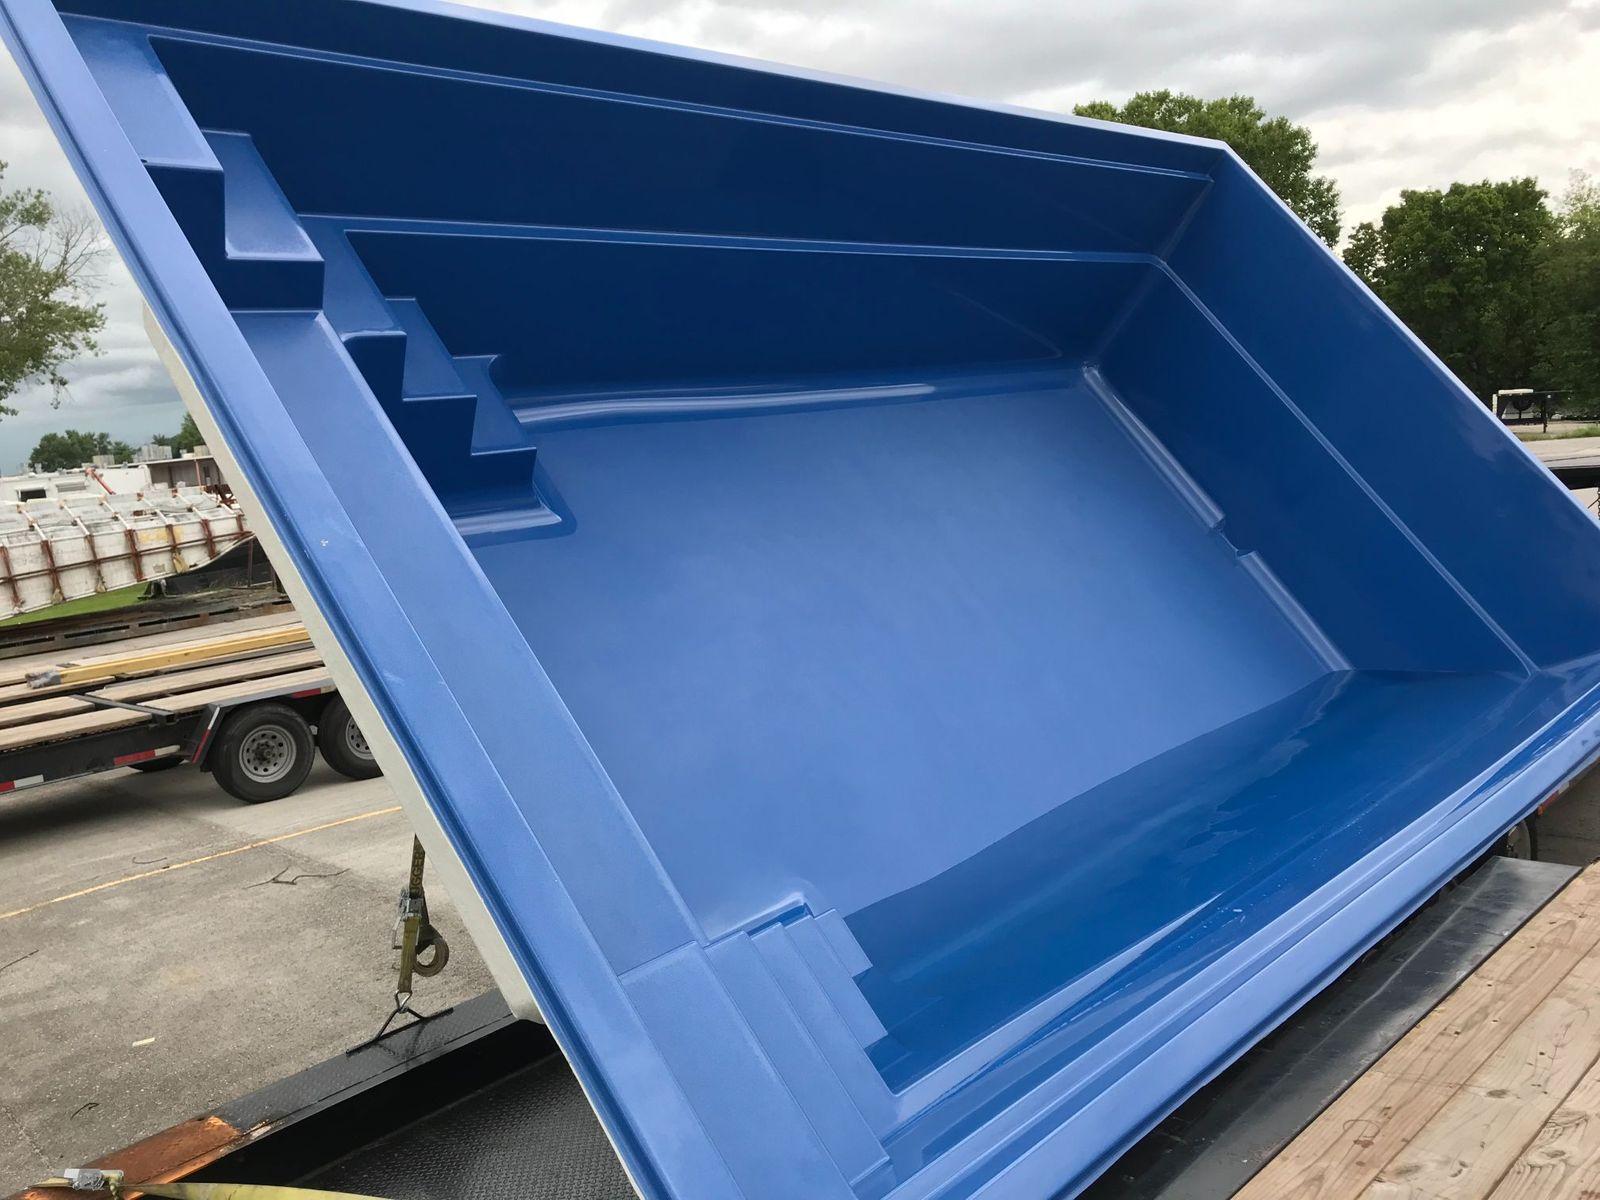 Imagine Pools Freedom 23 Ocean Blue 2019-0711 Knox Yard 2.jpg